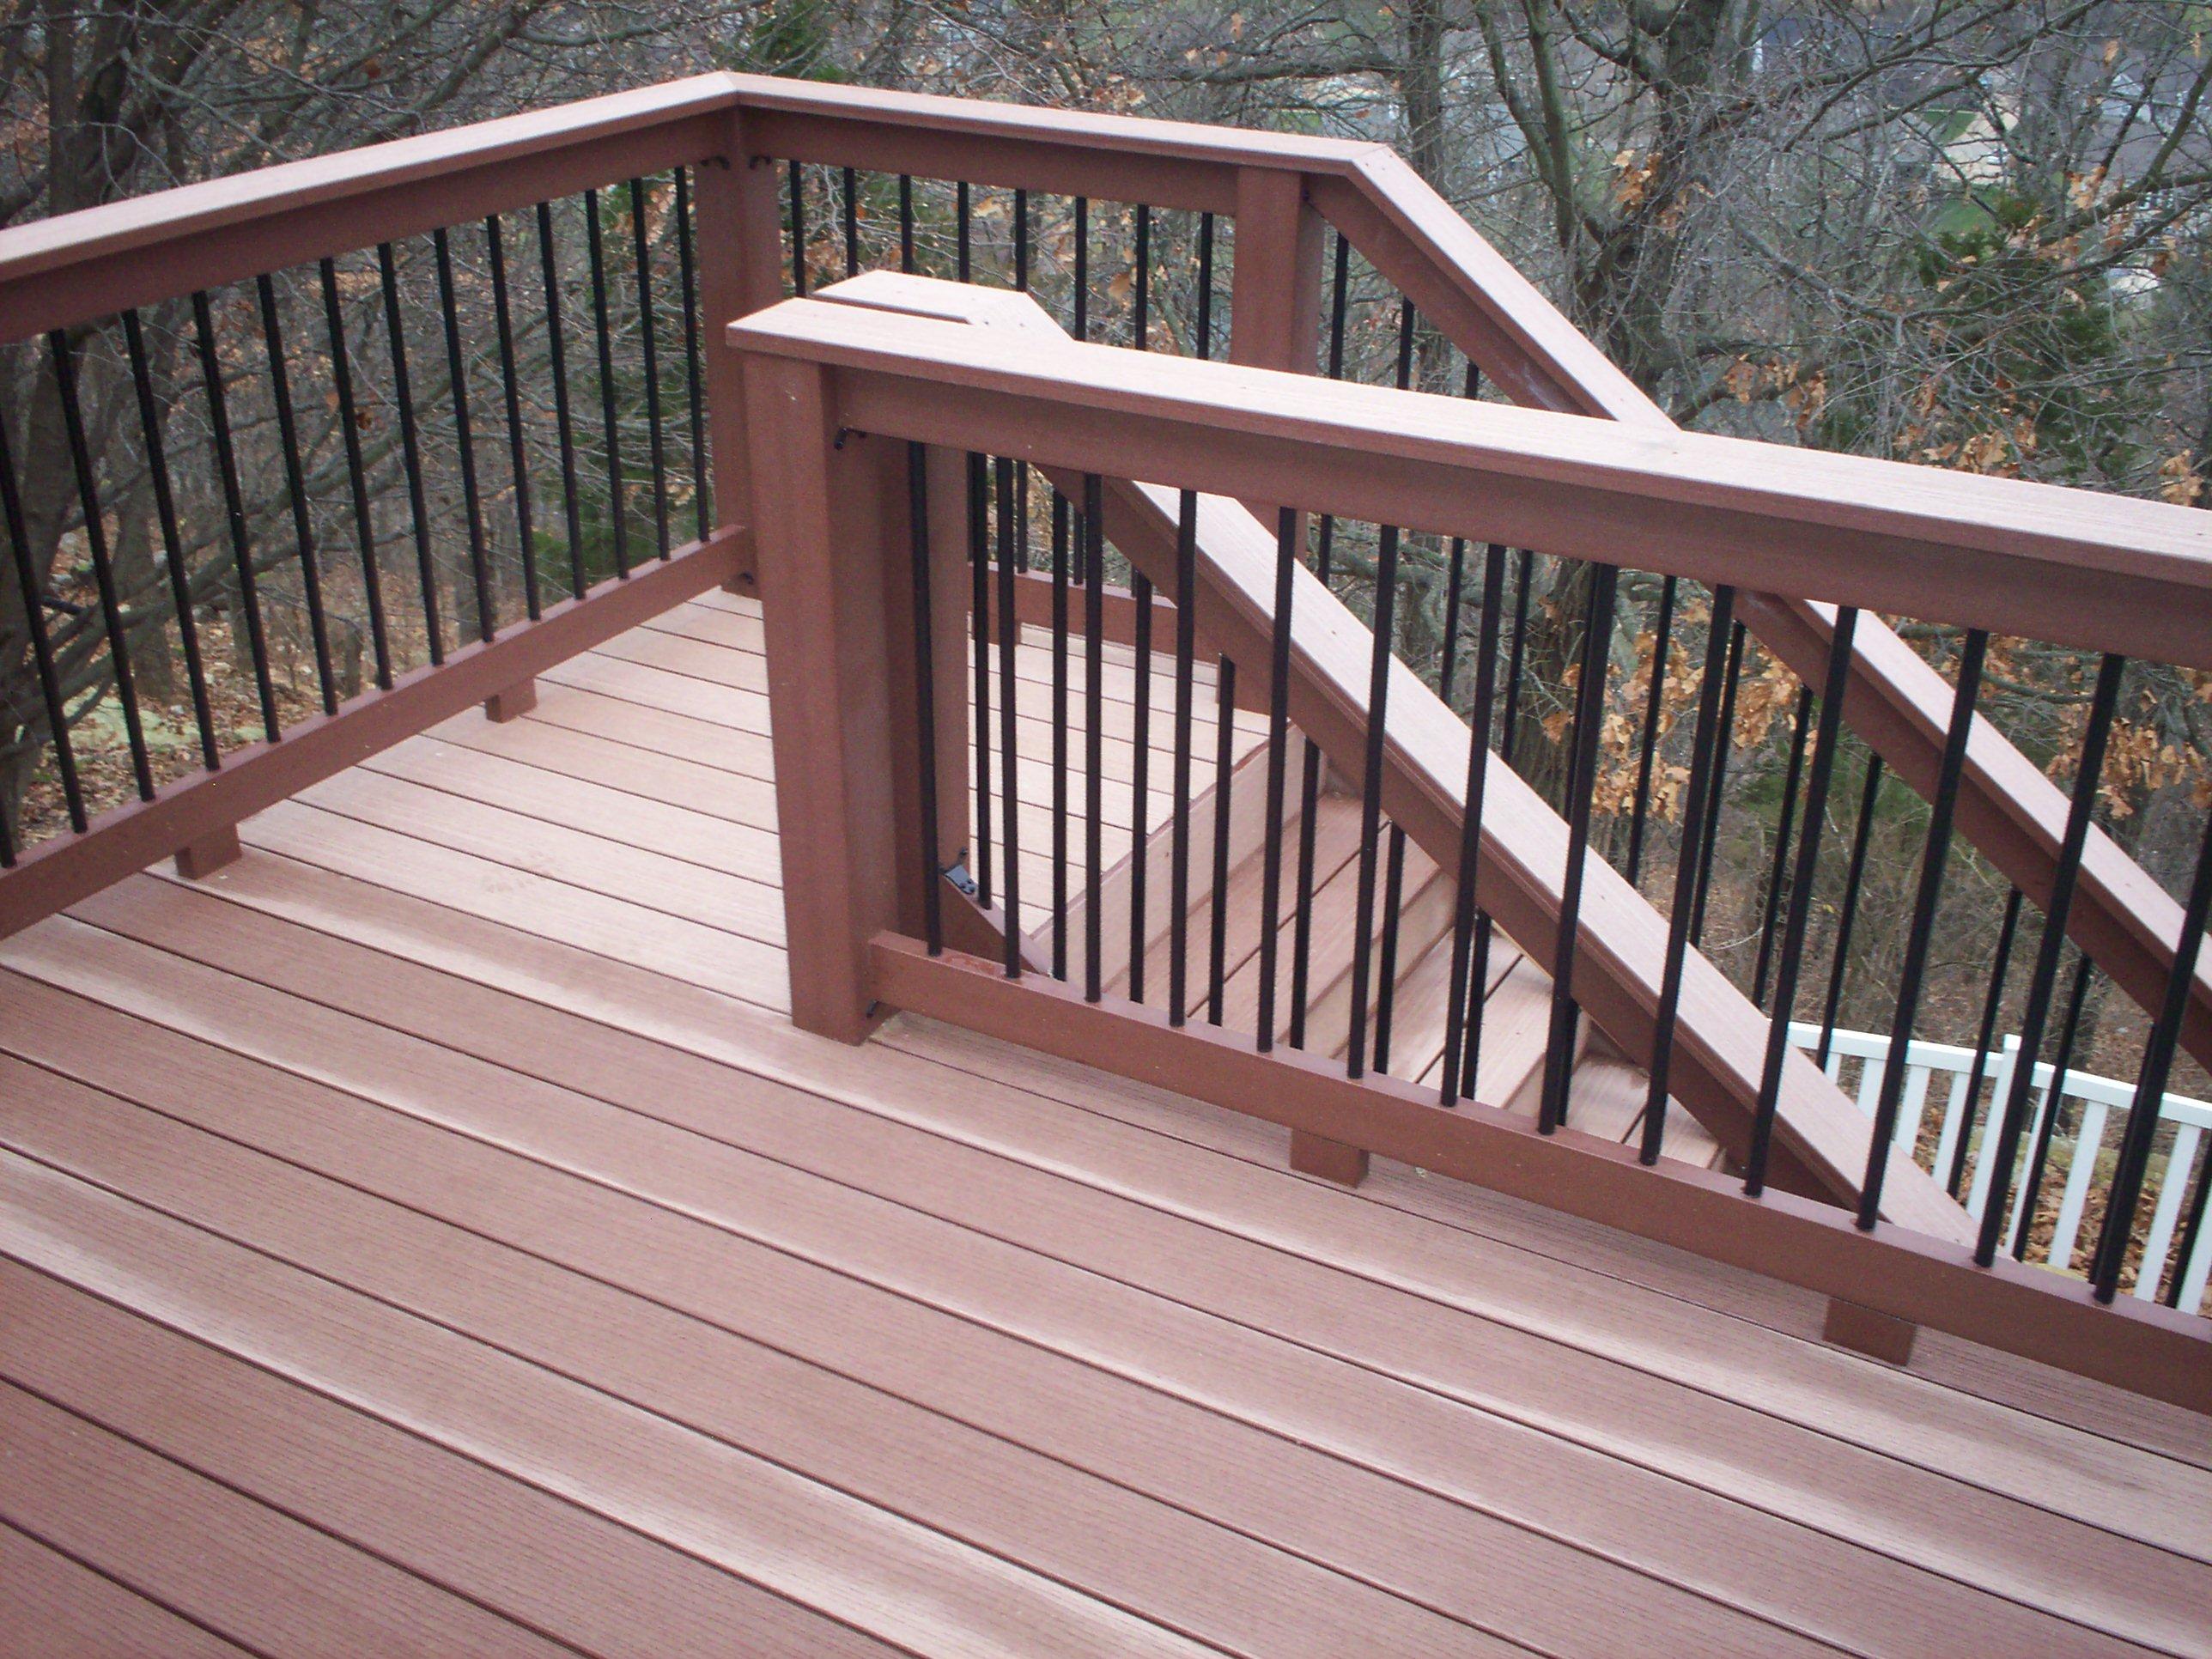 St Louis Deck Contractor Deck design ideas  St Louis decks screened porches pergolas by